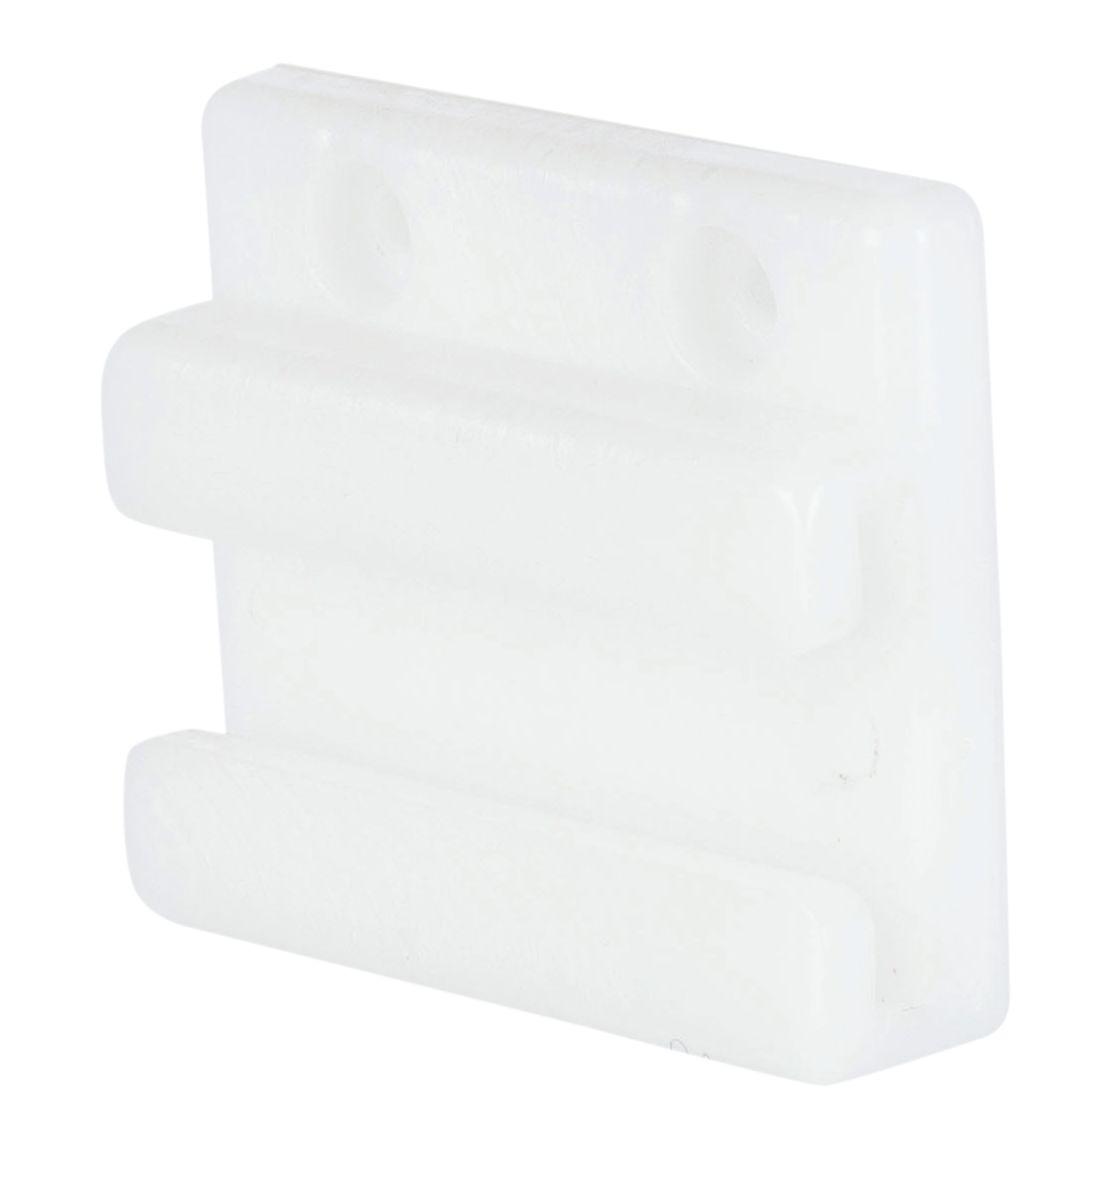 Trixie Schutzgitter für Fenster, oben/unten, ausziehbar 75125 × 16cm, weiß